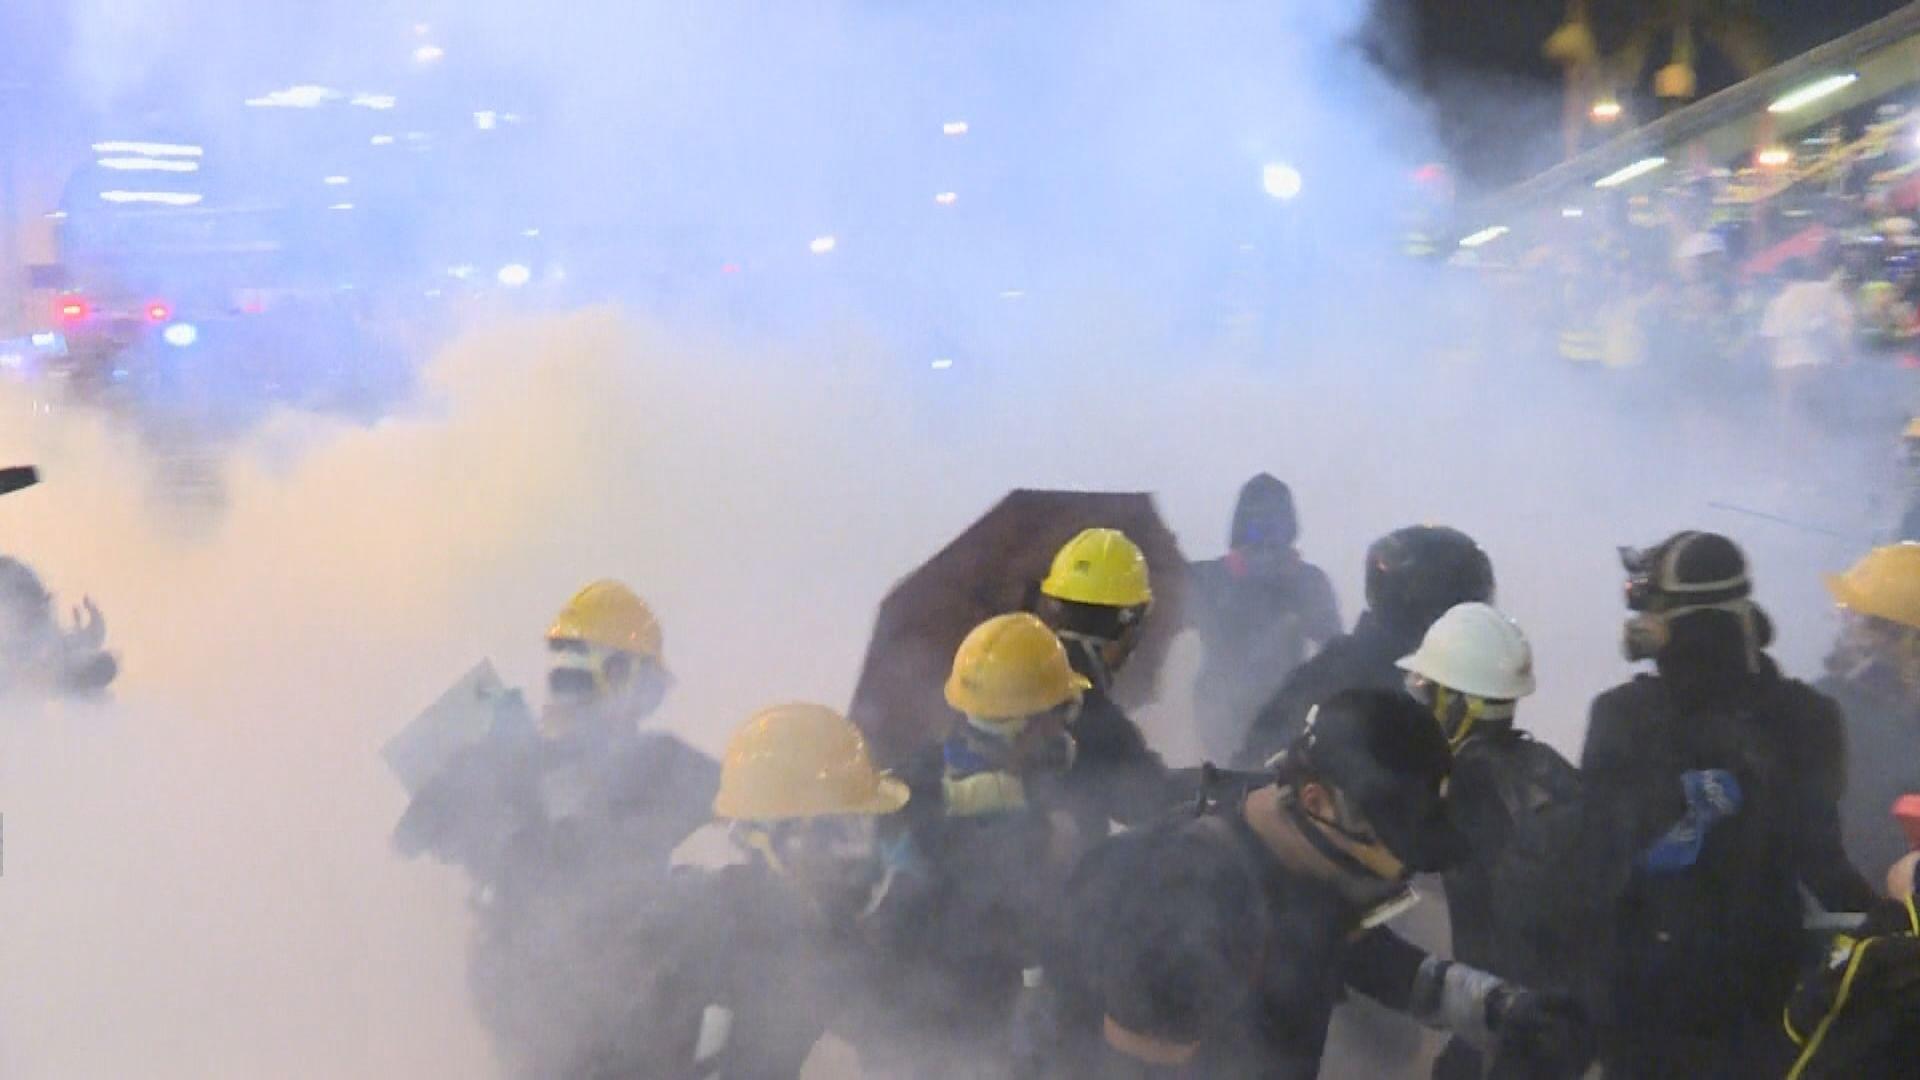 上環有示威者放火焚燒雜物